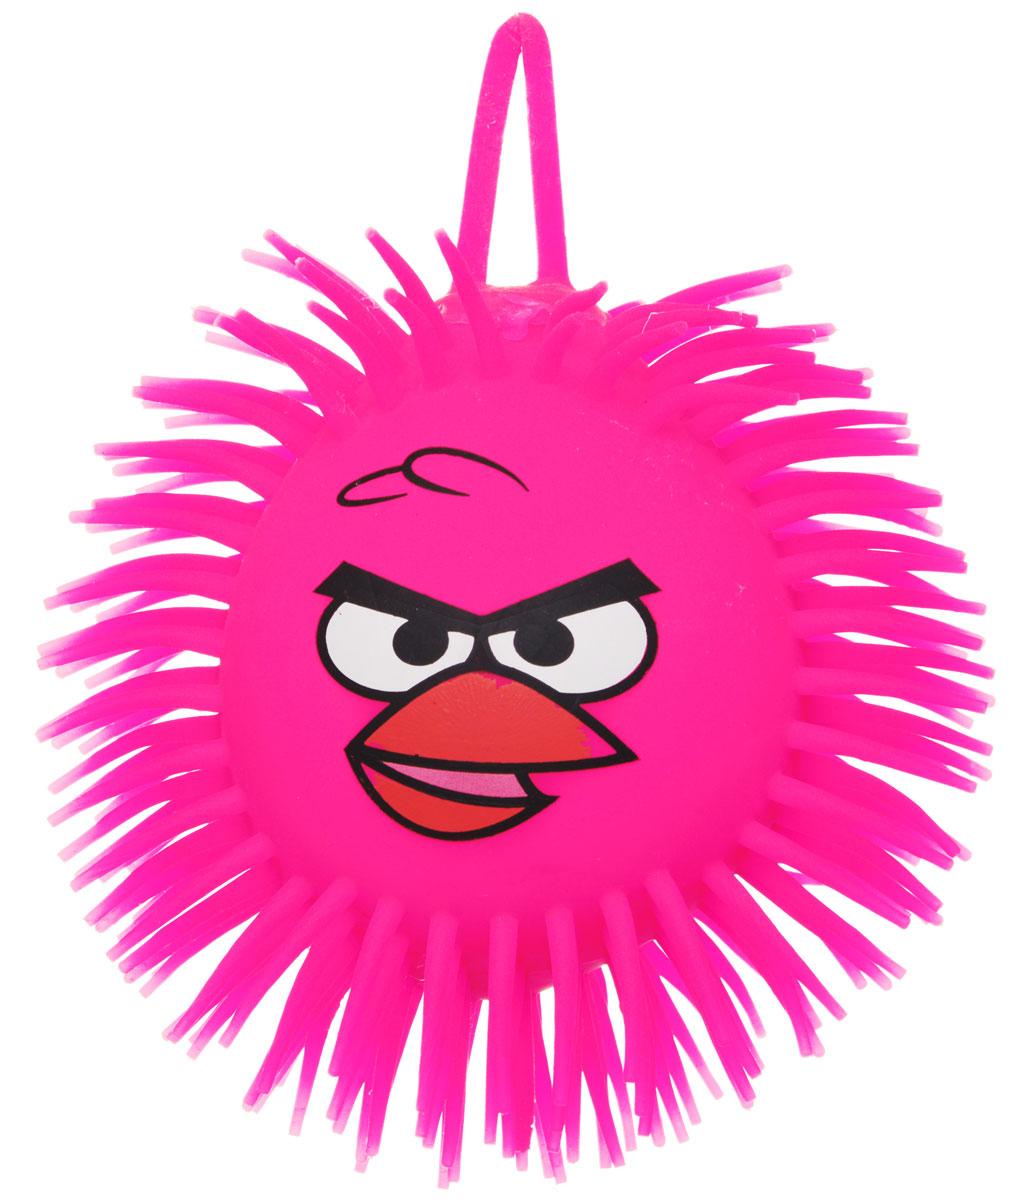 1TOY Игрушка-антистресс Ё-Ёжик Злая птичка цвет розовый диаметр 12 см злая птица ё ёжик со светомт56233